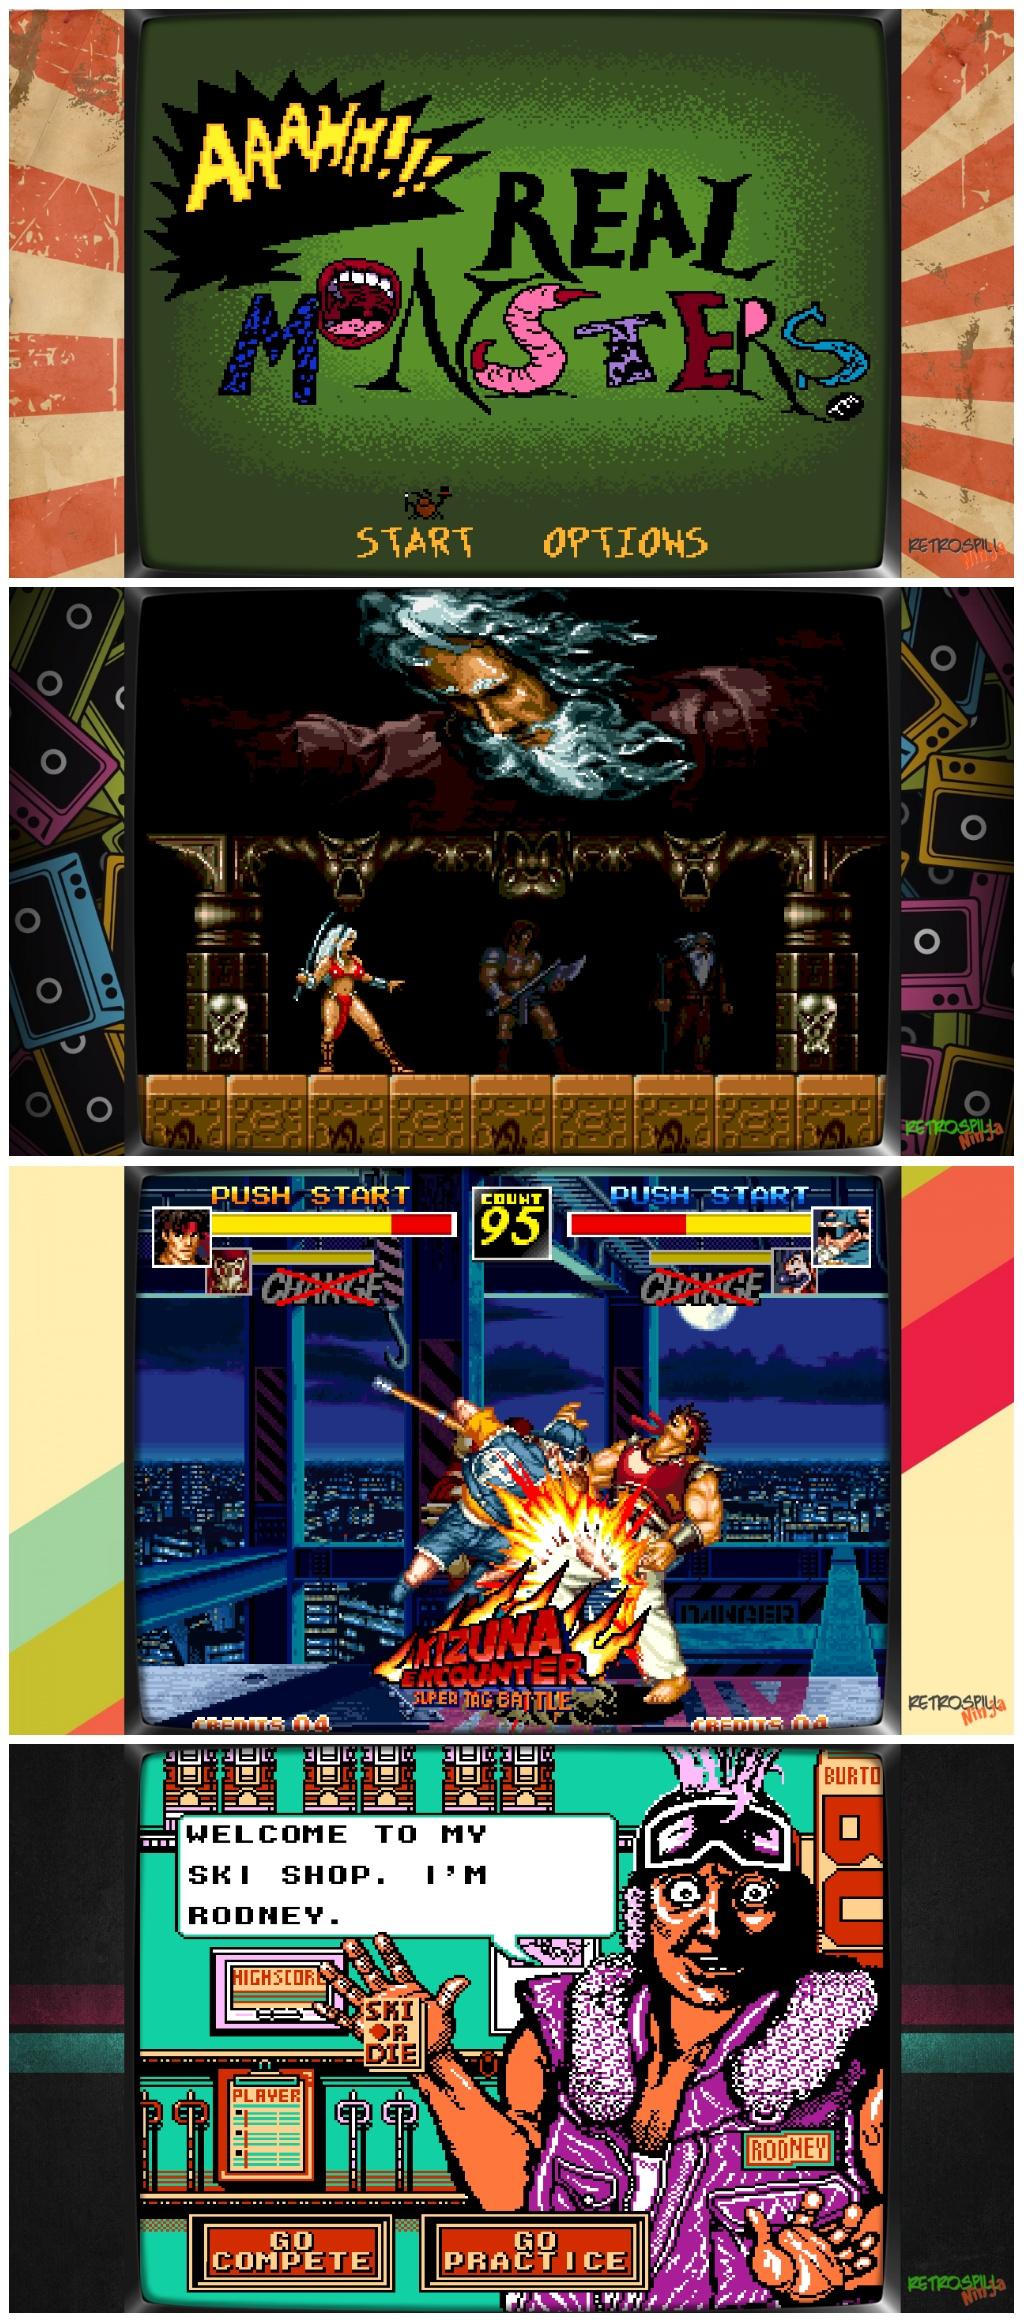 Eksempler på Retrospill.ninja rammer